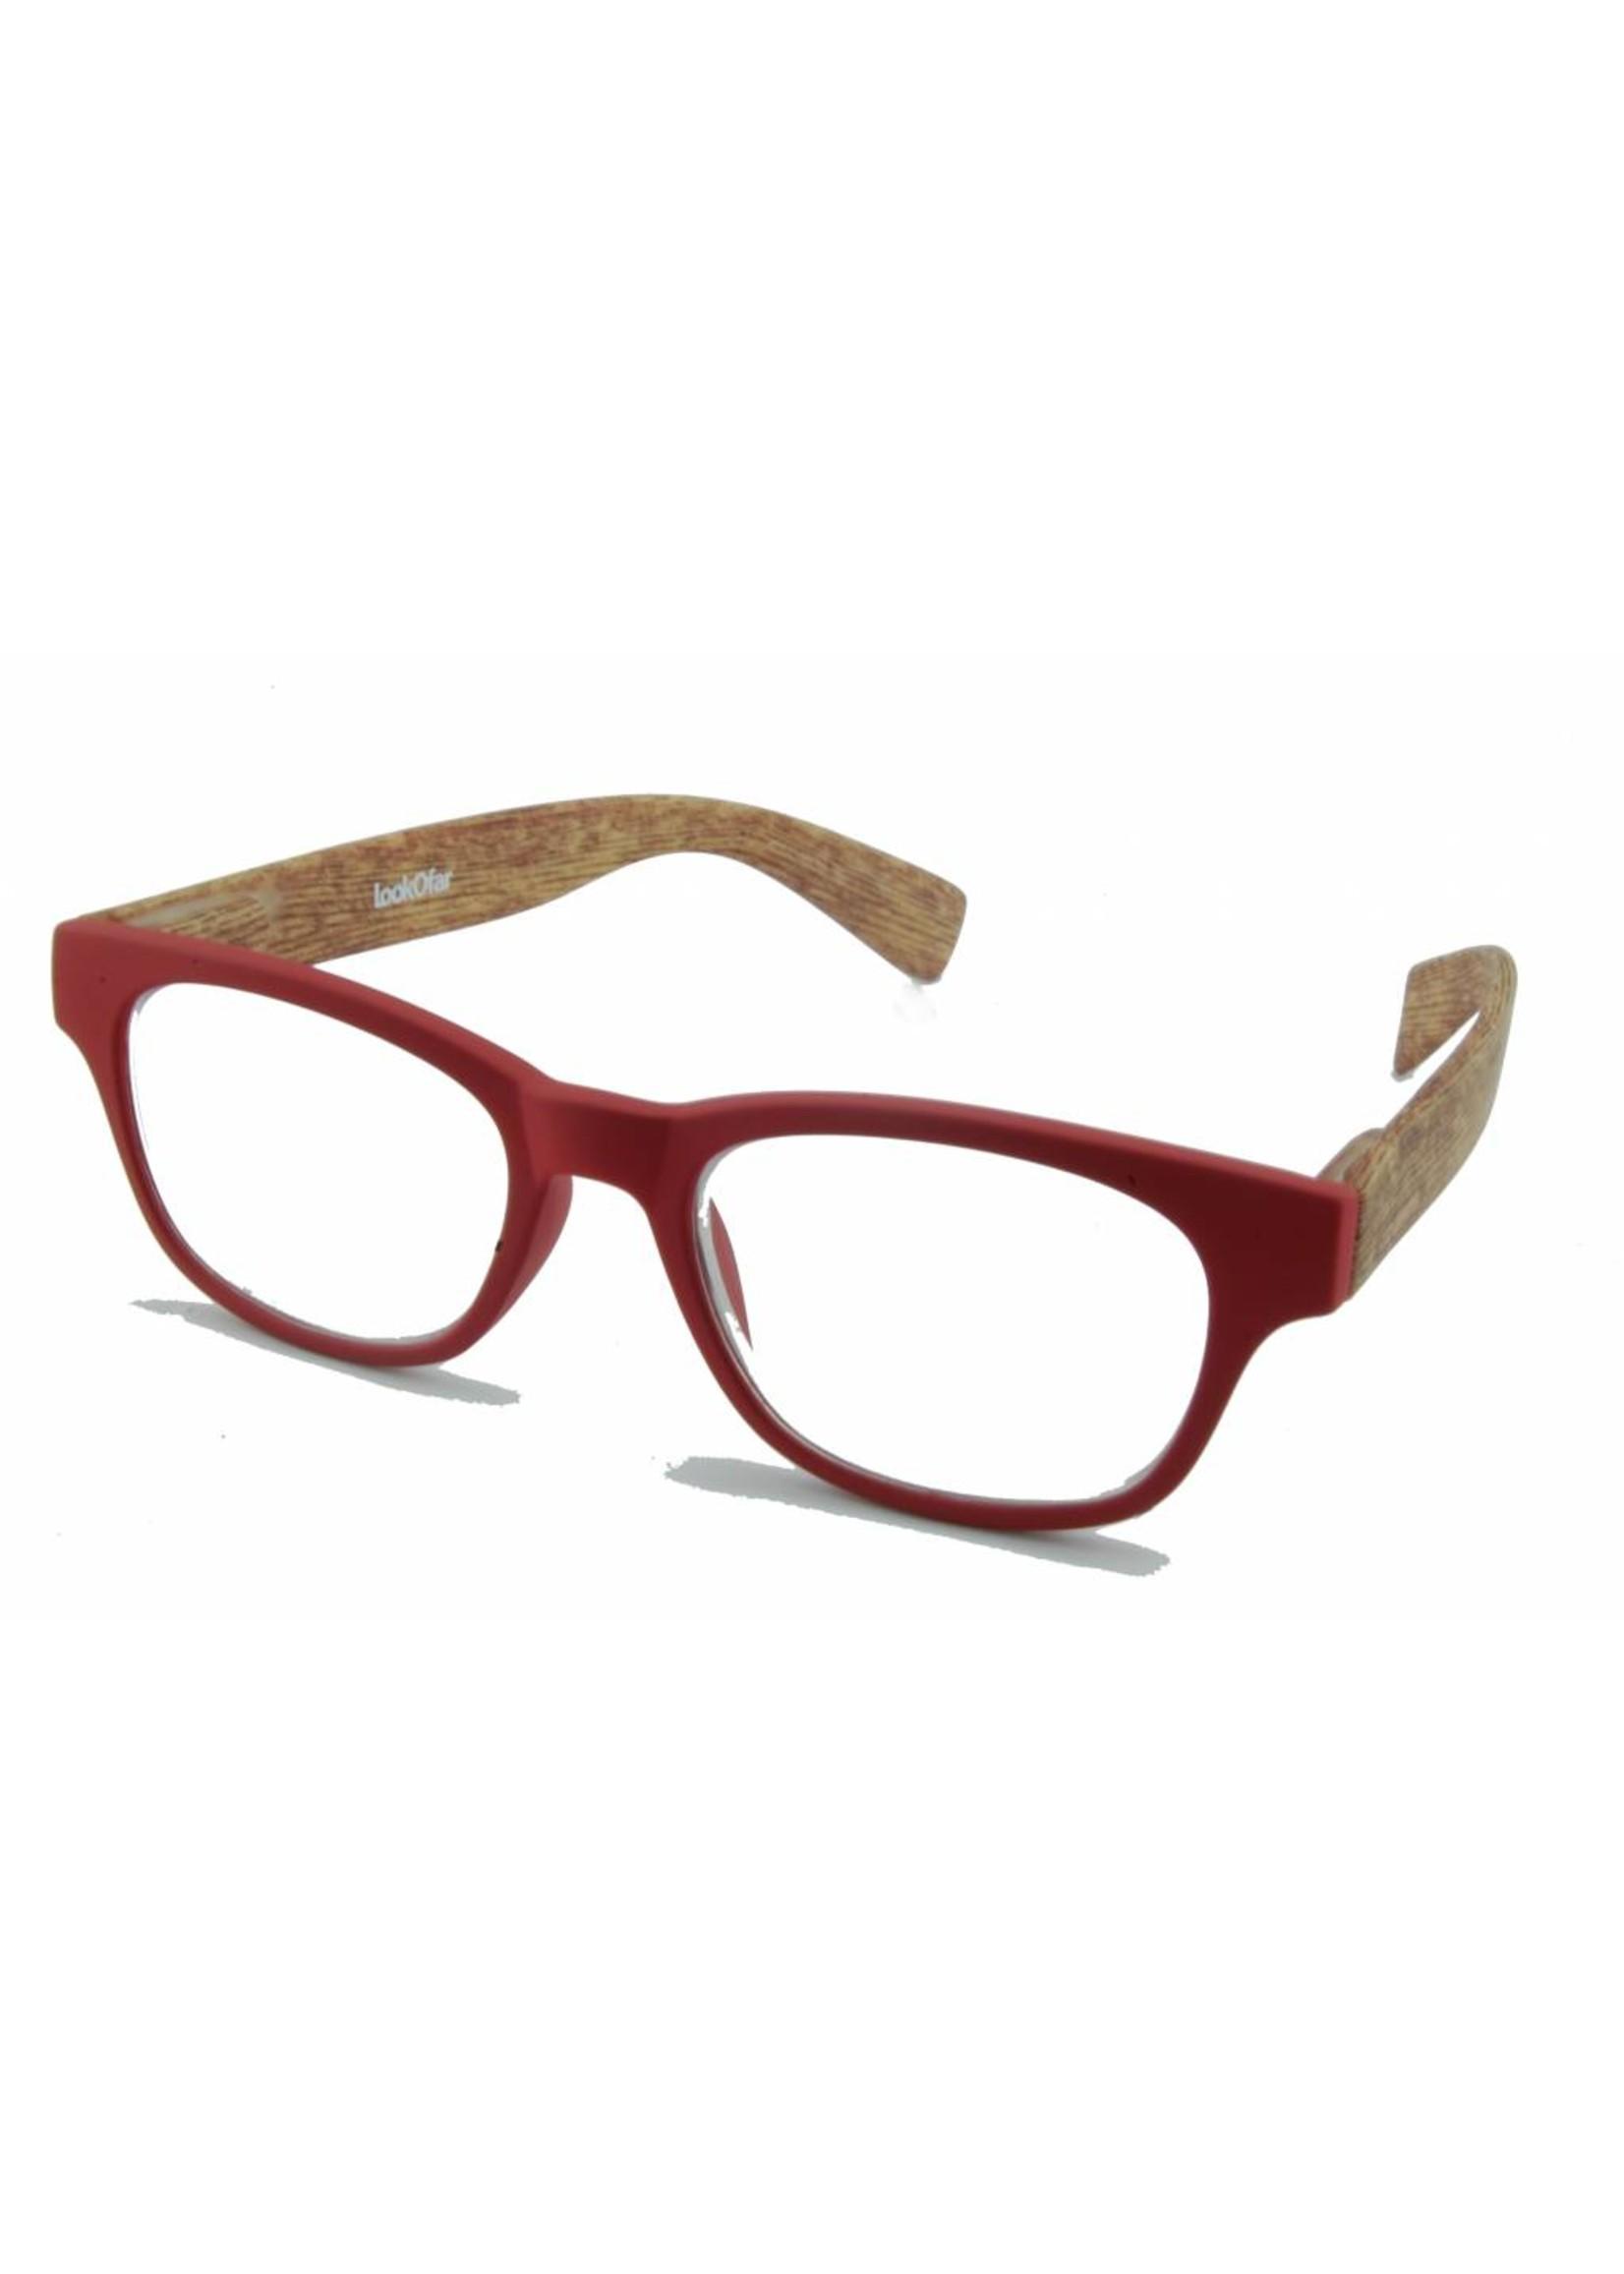 Leesbril Wahfarer look Red Wood